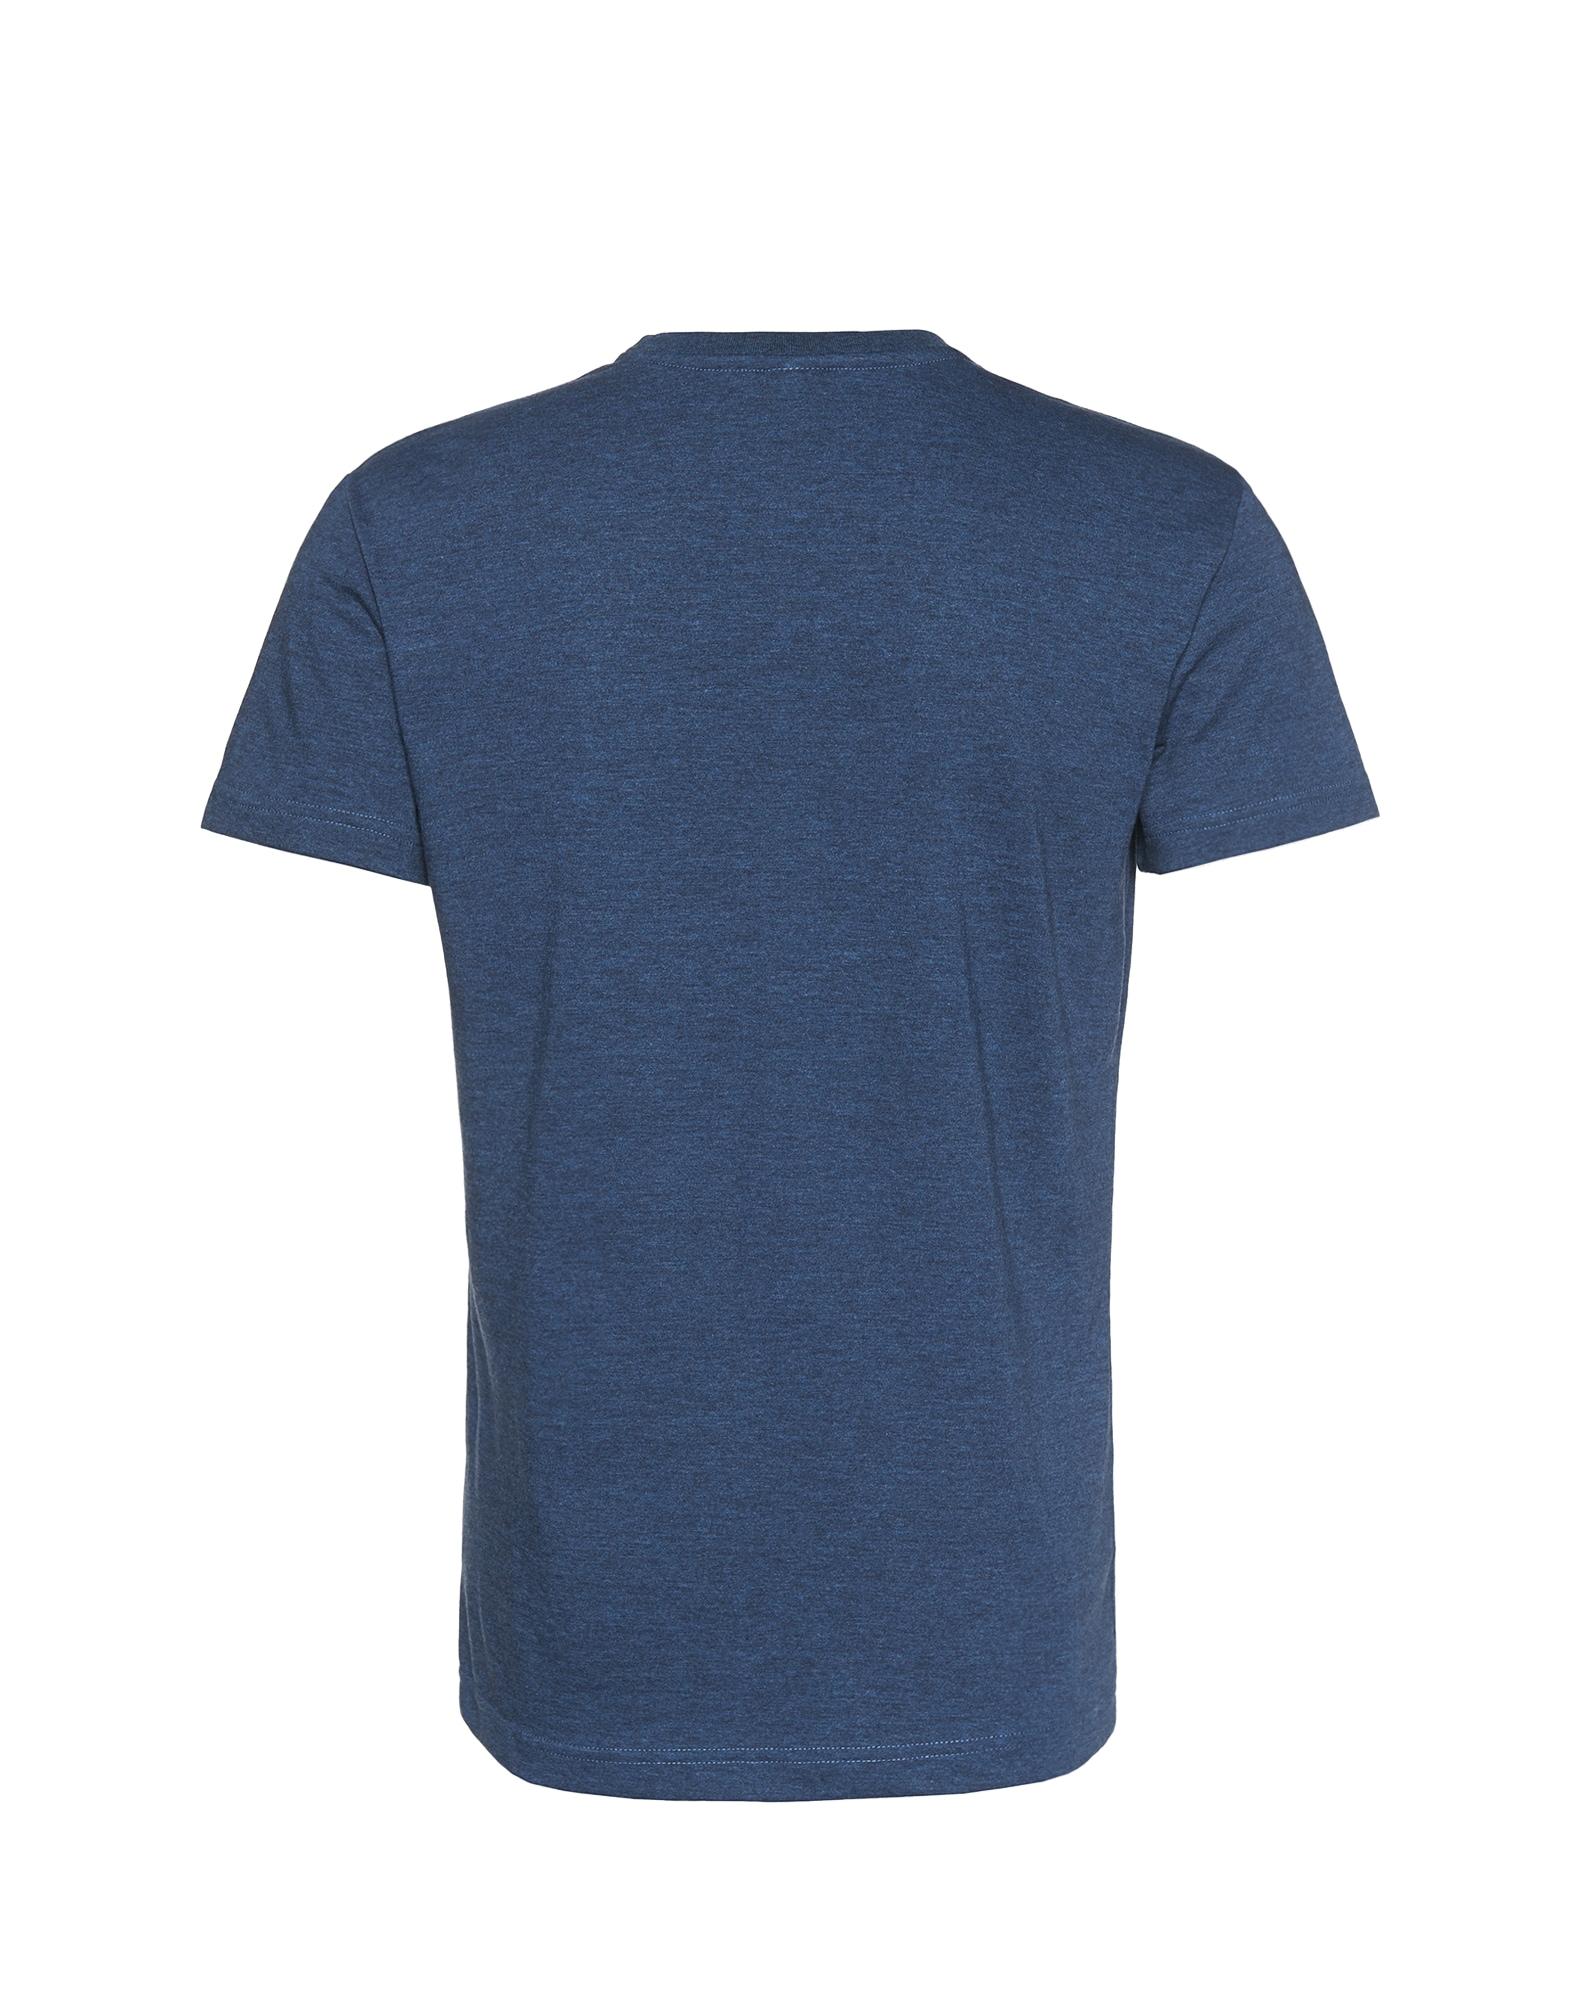 Iriedaily, Heren Shirt 'Daily Flag', donkerblauw